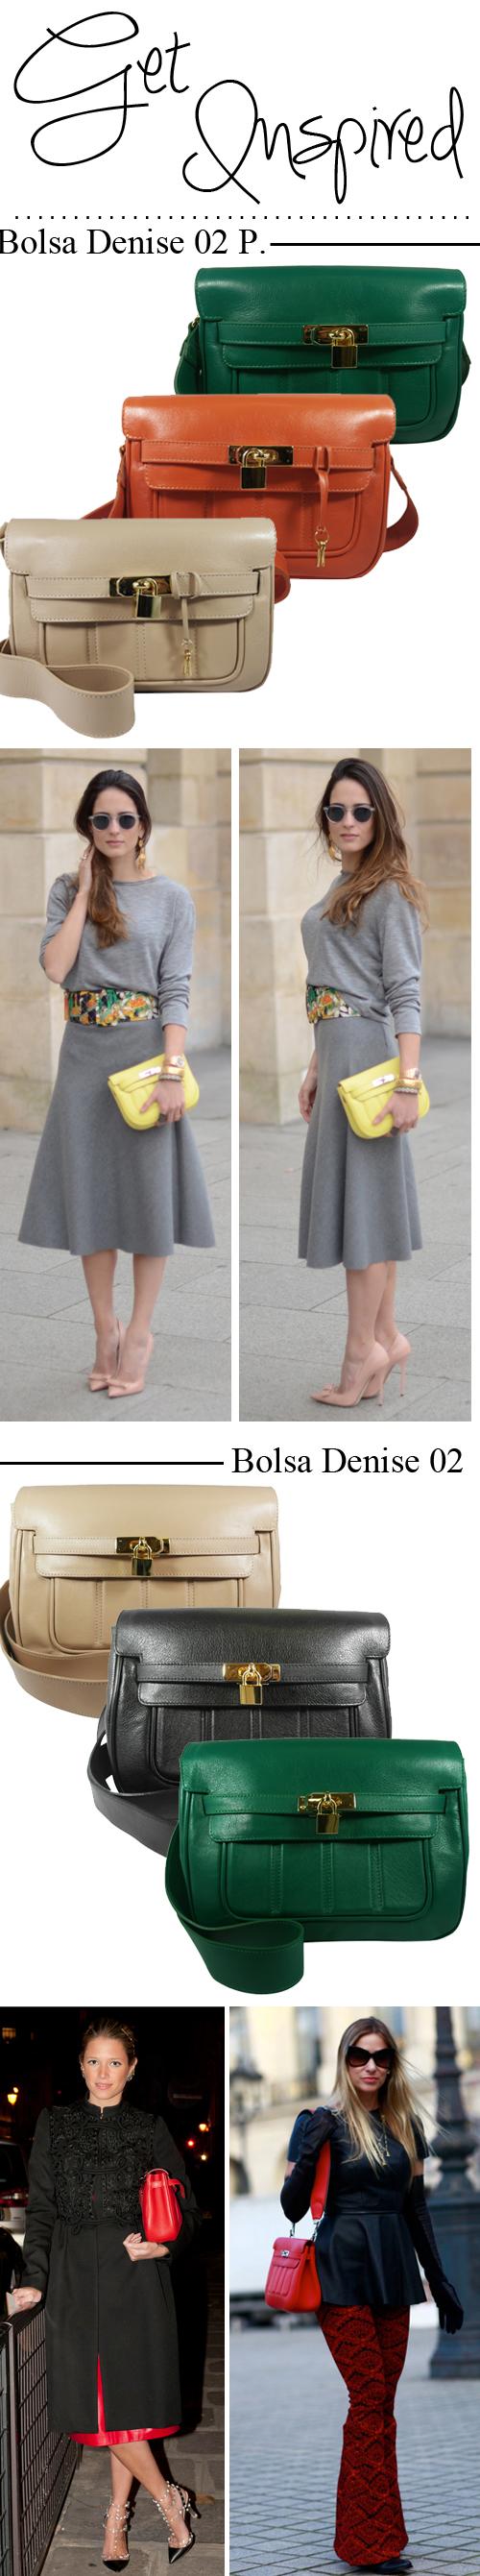 Post Denise 02